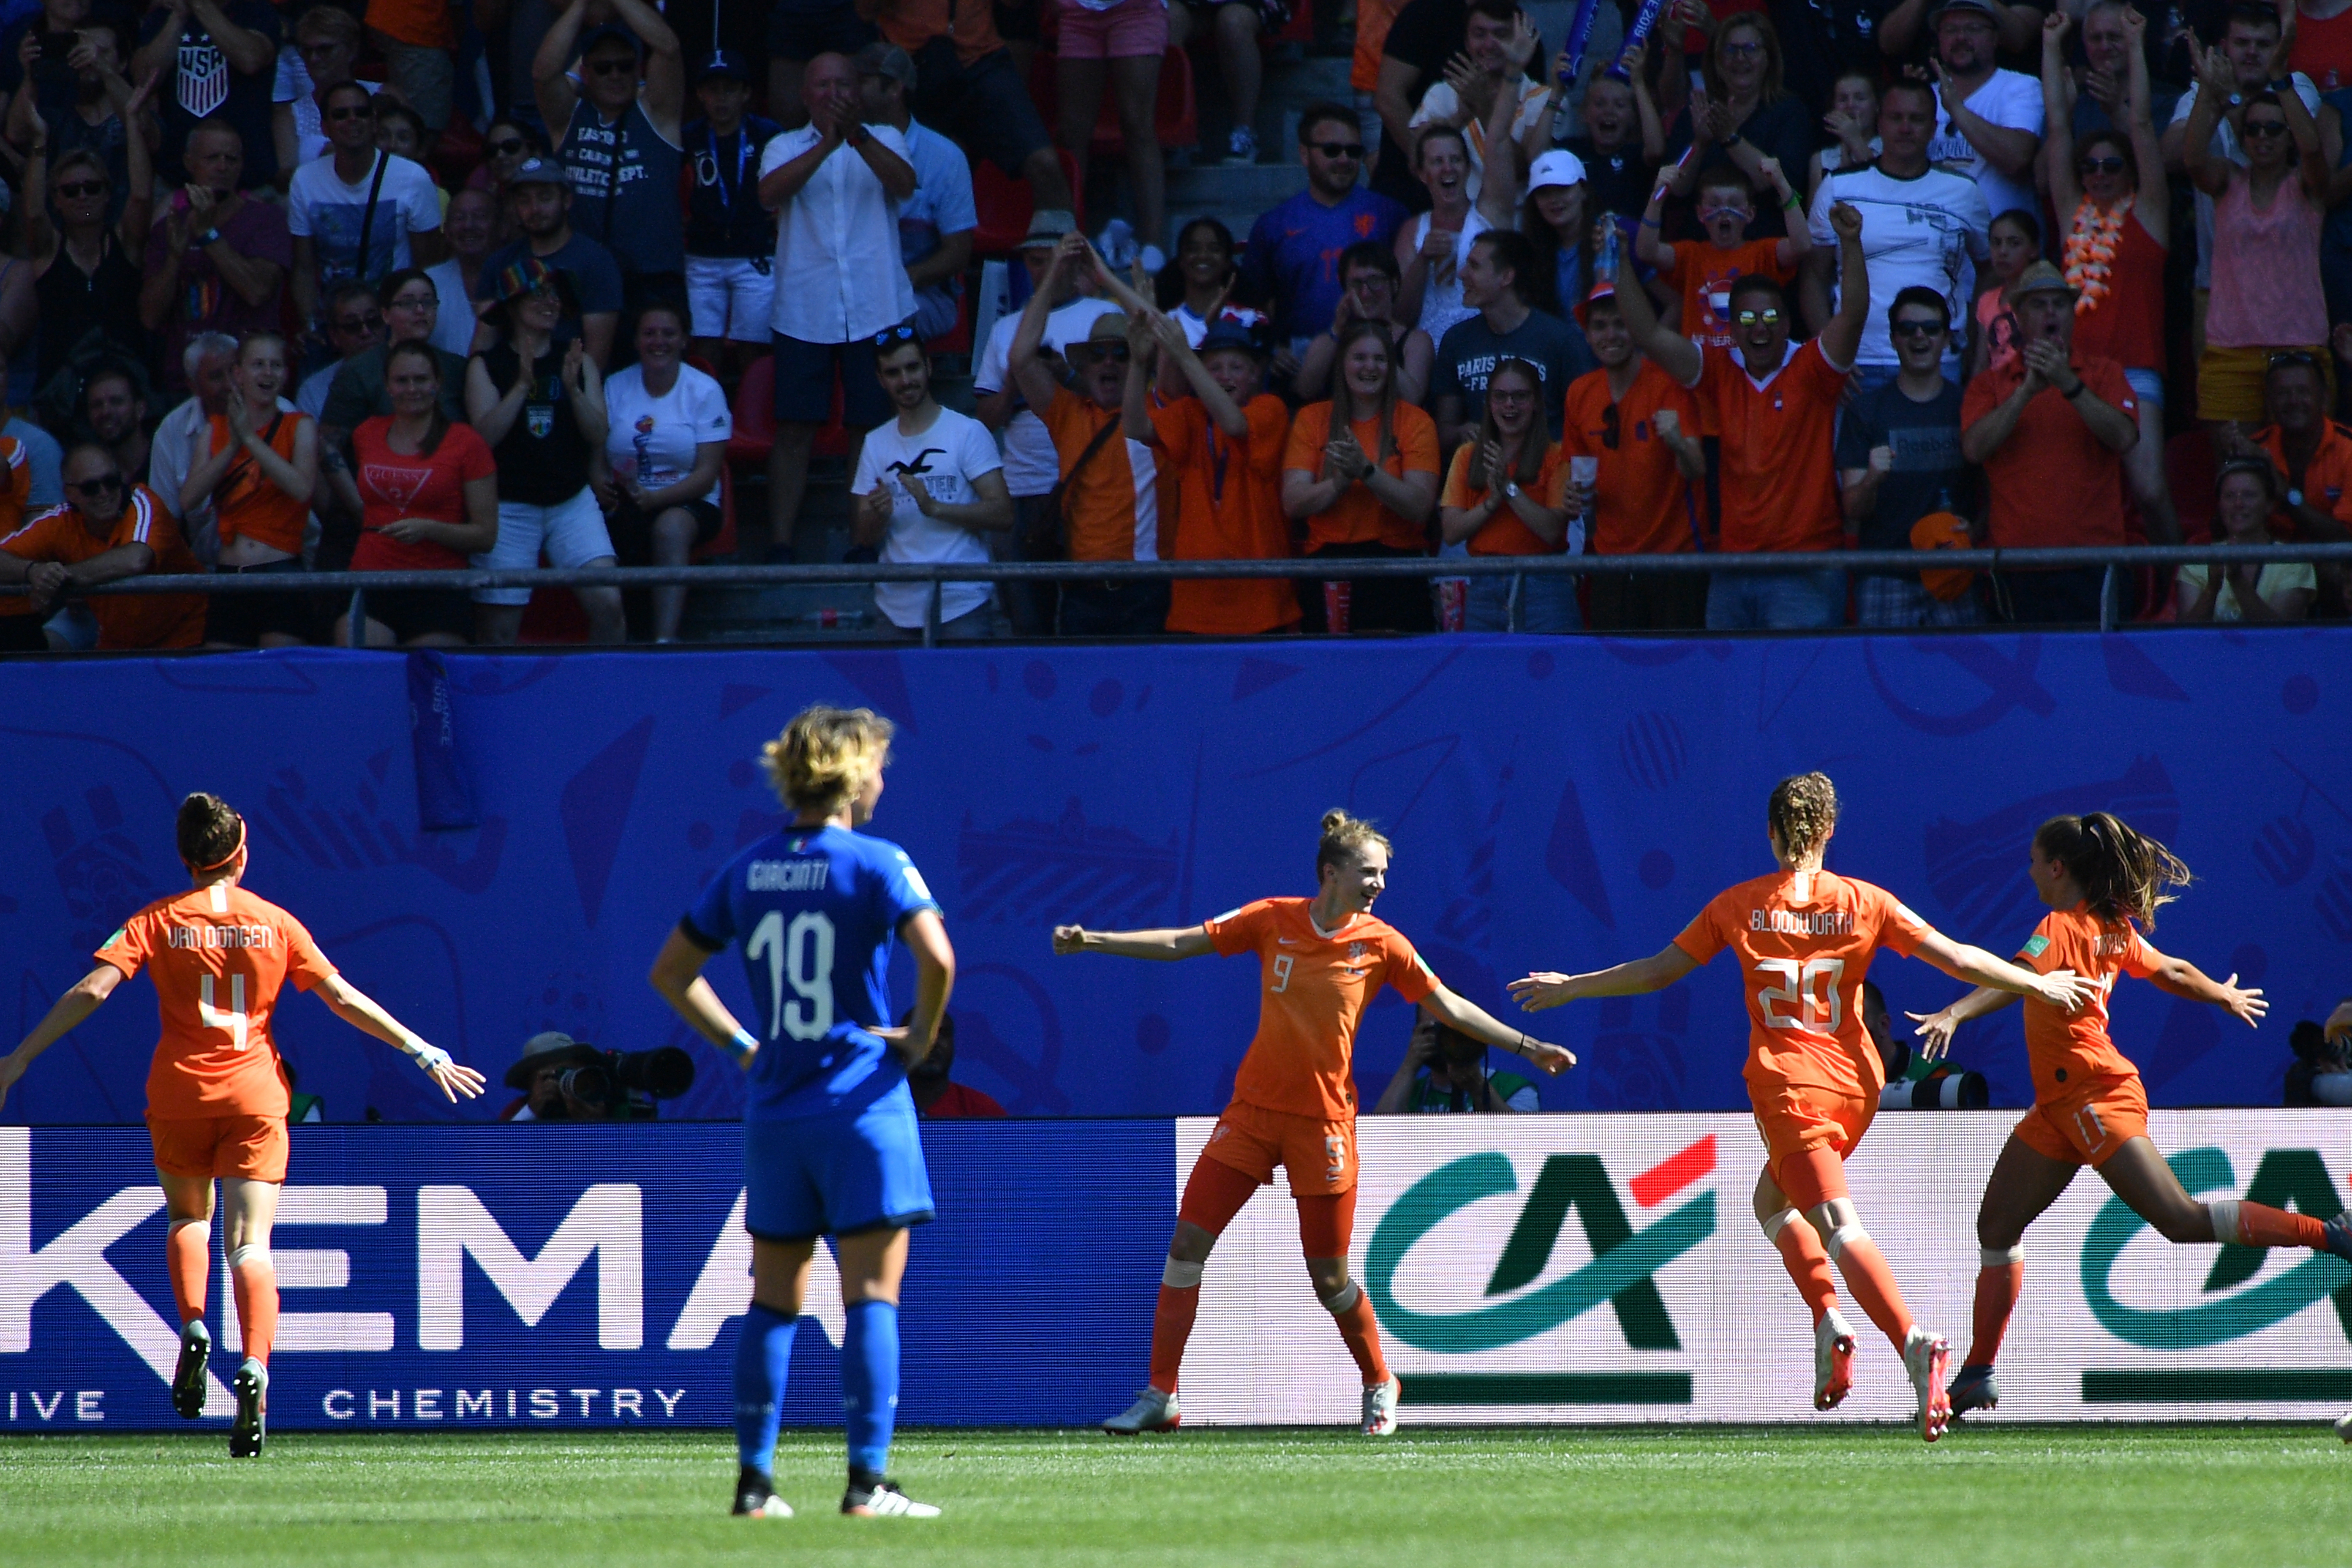 لاعبات هولندا يحتفلن بهدفهن الأول في مرمى إيطاليا